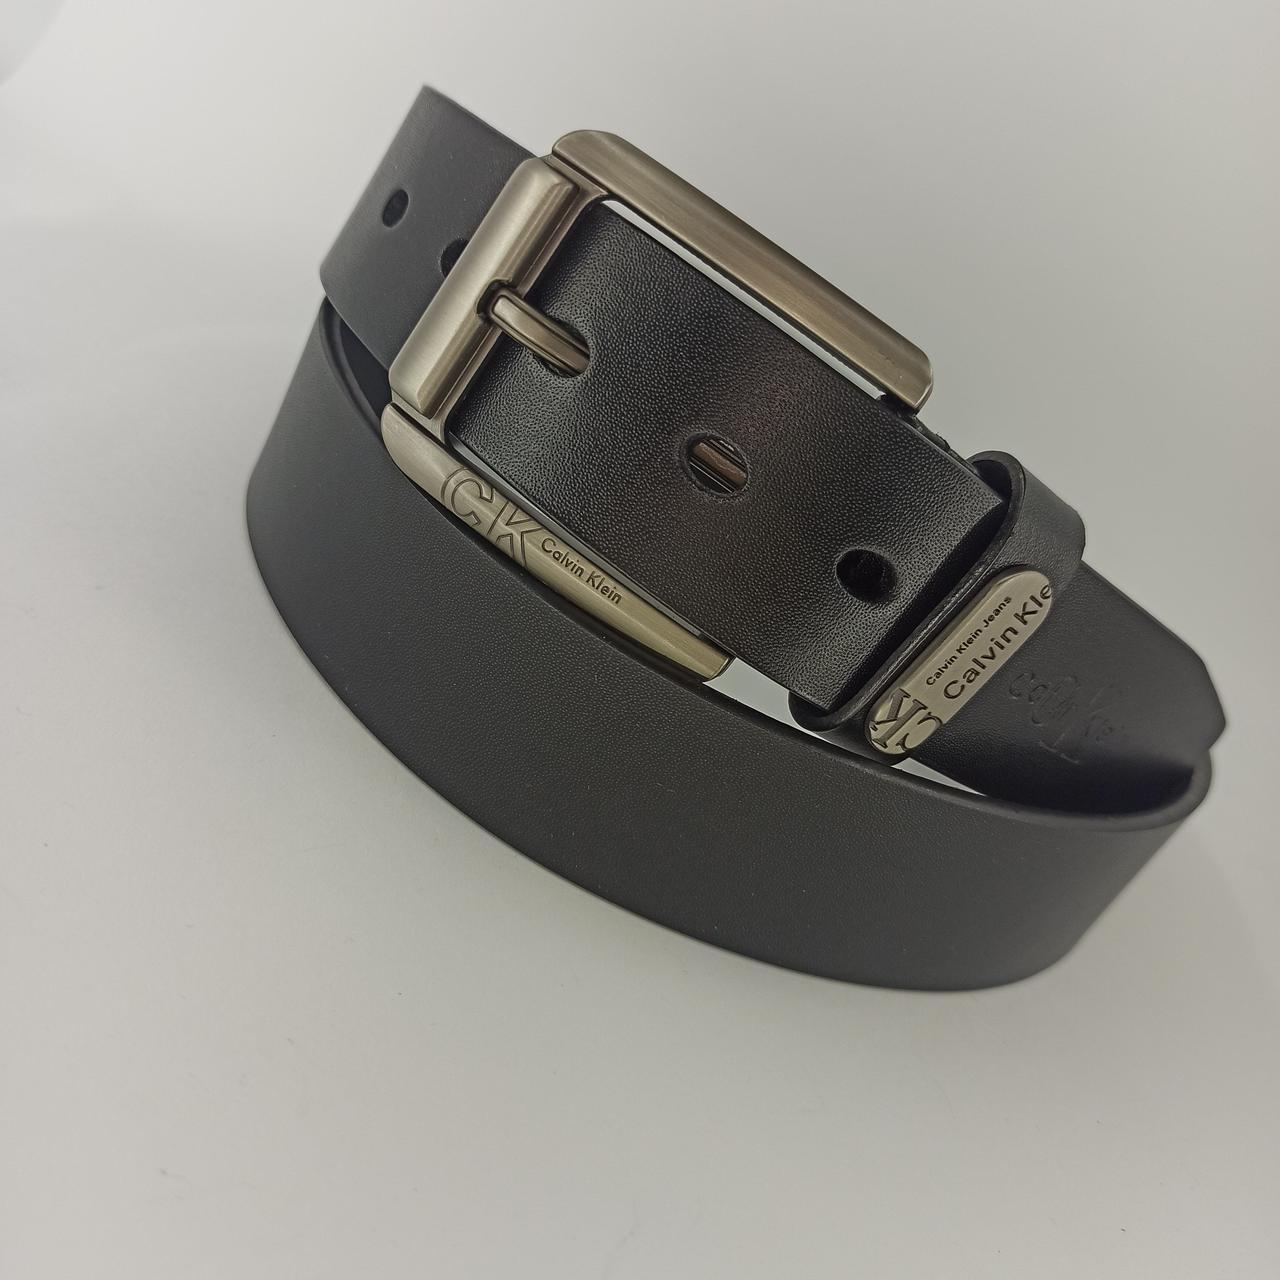 Кожаный мужской ремень с классической пряжкой 120 см zk 04372 black